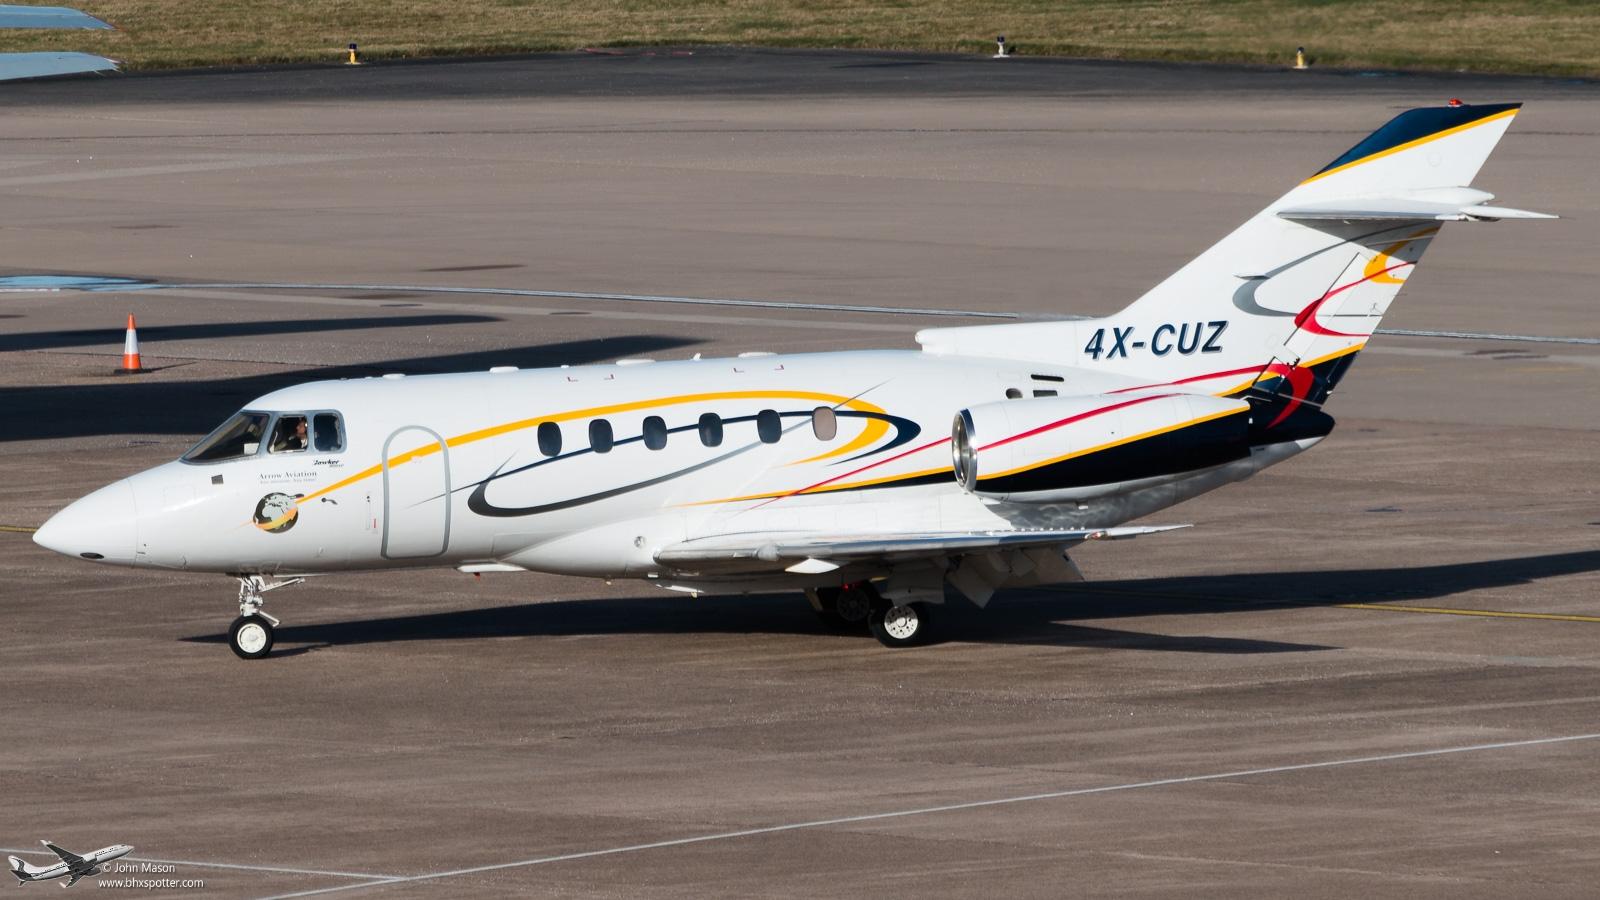 4X-CUZ HS125-800